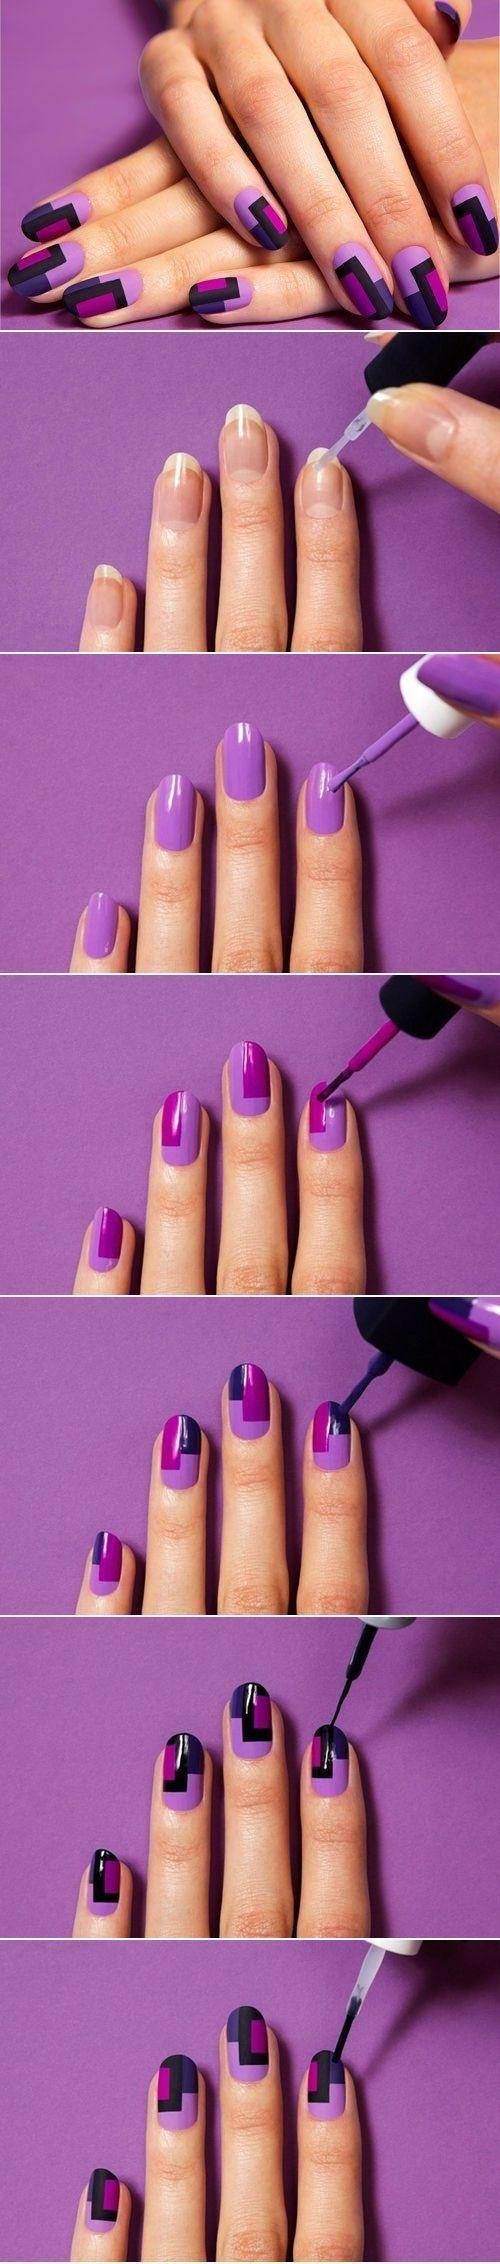 Inspirações para fazer diferente nunca é demais! ;) #nailart #nails #beauty